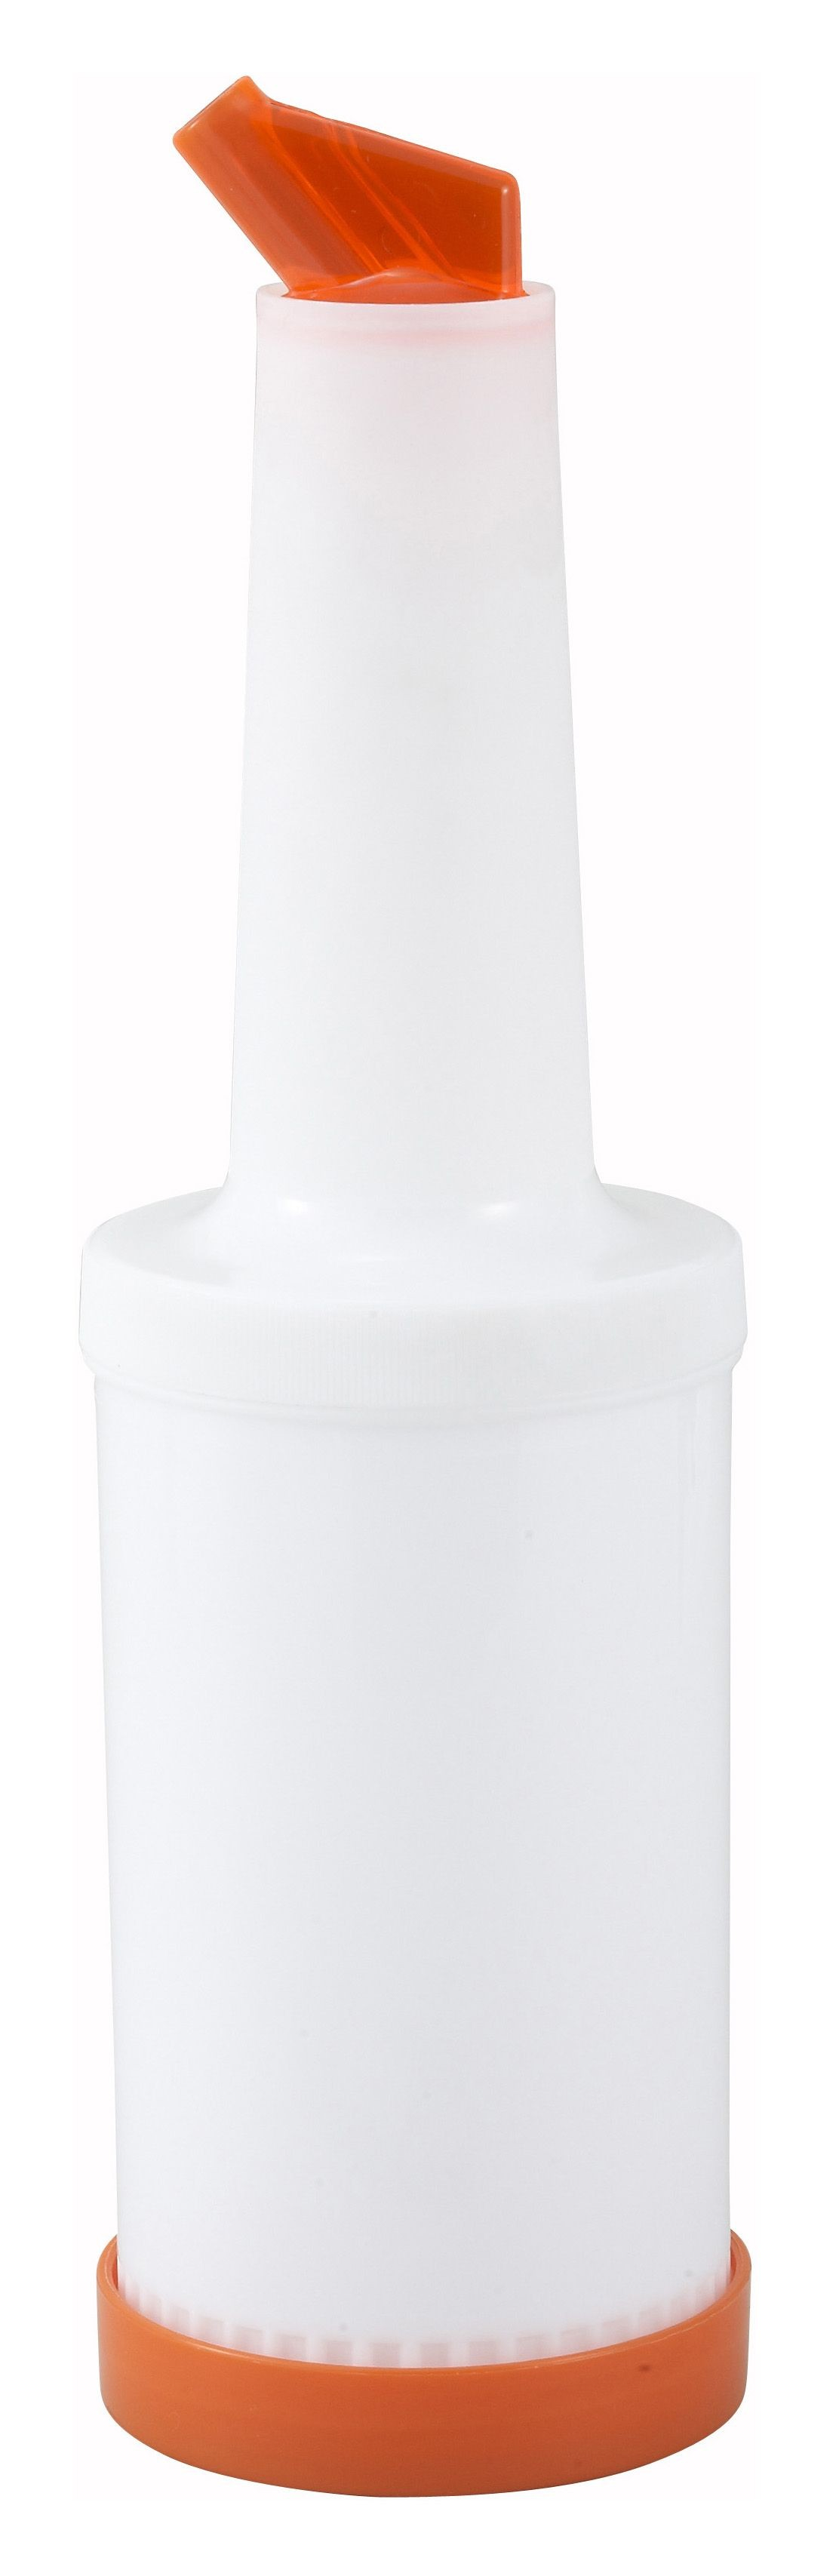 Winco PPB-1O Liquor and Juice Multi-Pour Bottle with Orange Spout and Lid 1 Qt.